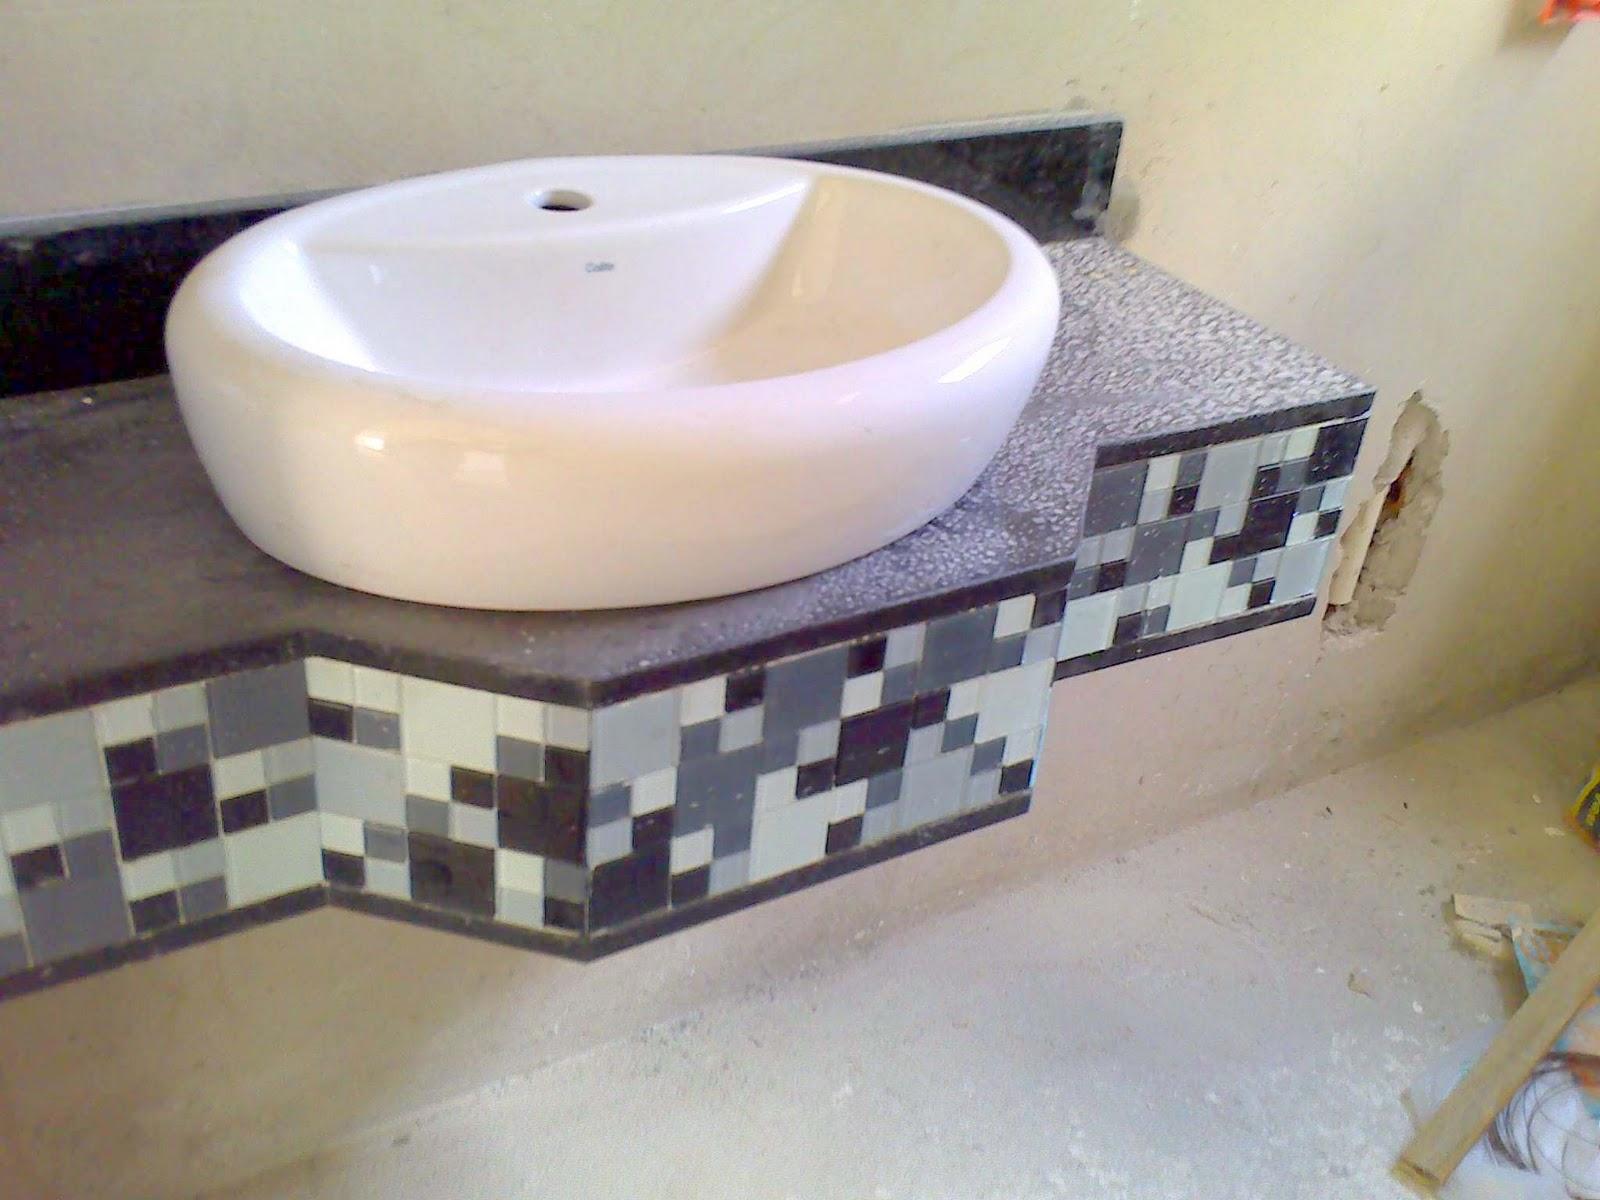 Bancadas de Granito Preto São Gabriel e pastilhas de vidro coloridas  #78694B 1600x1200 Bancada De Vidro Para Banheiro   Rj